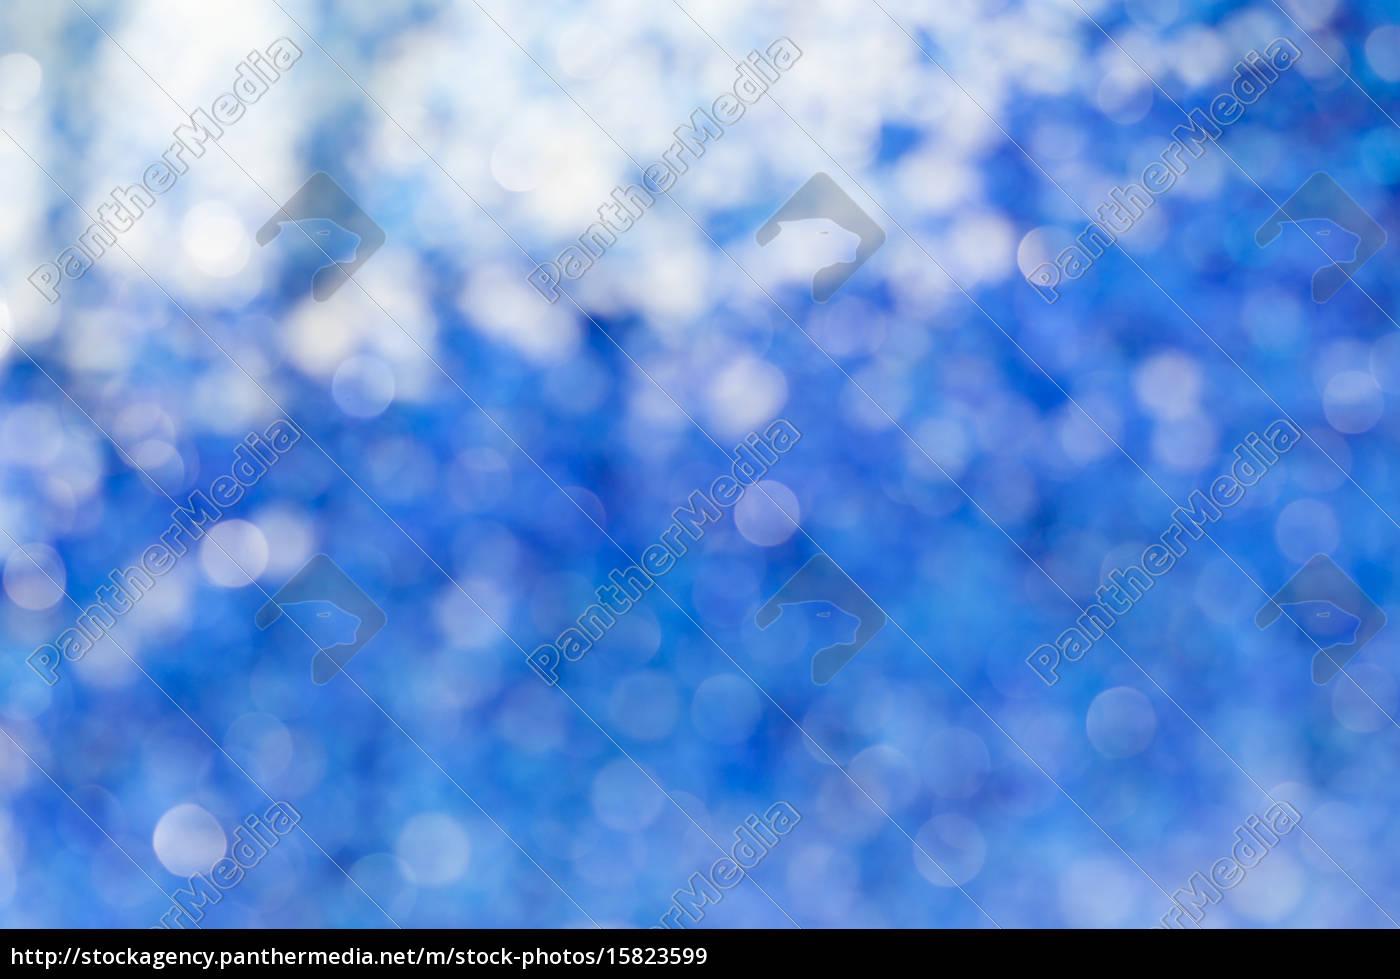 niebieskie, rozmyte, tło - 15823599